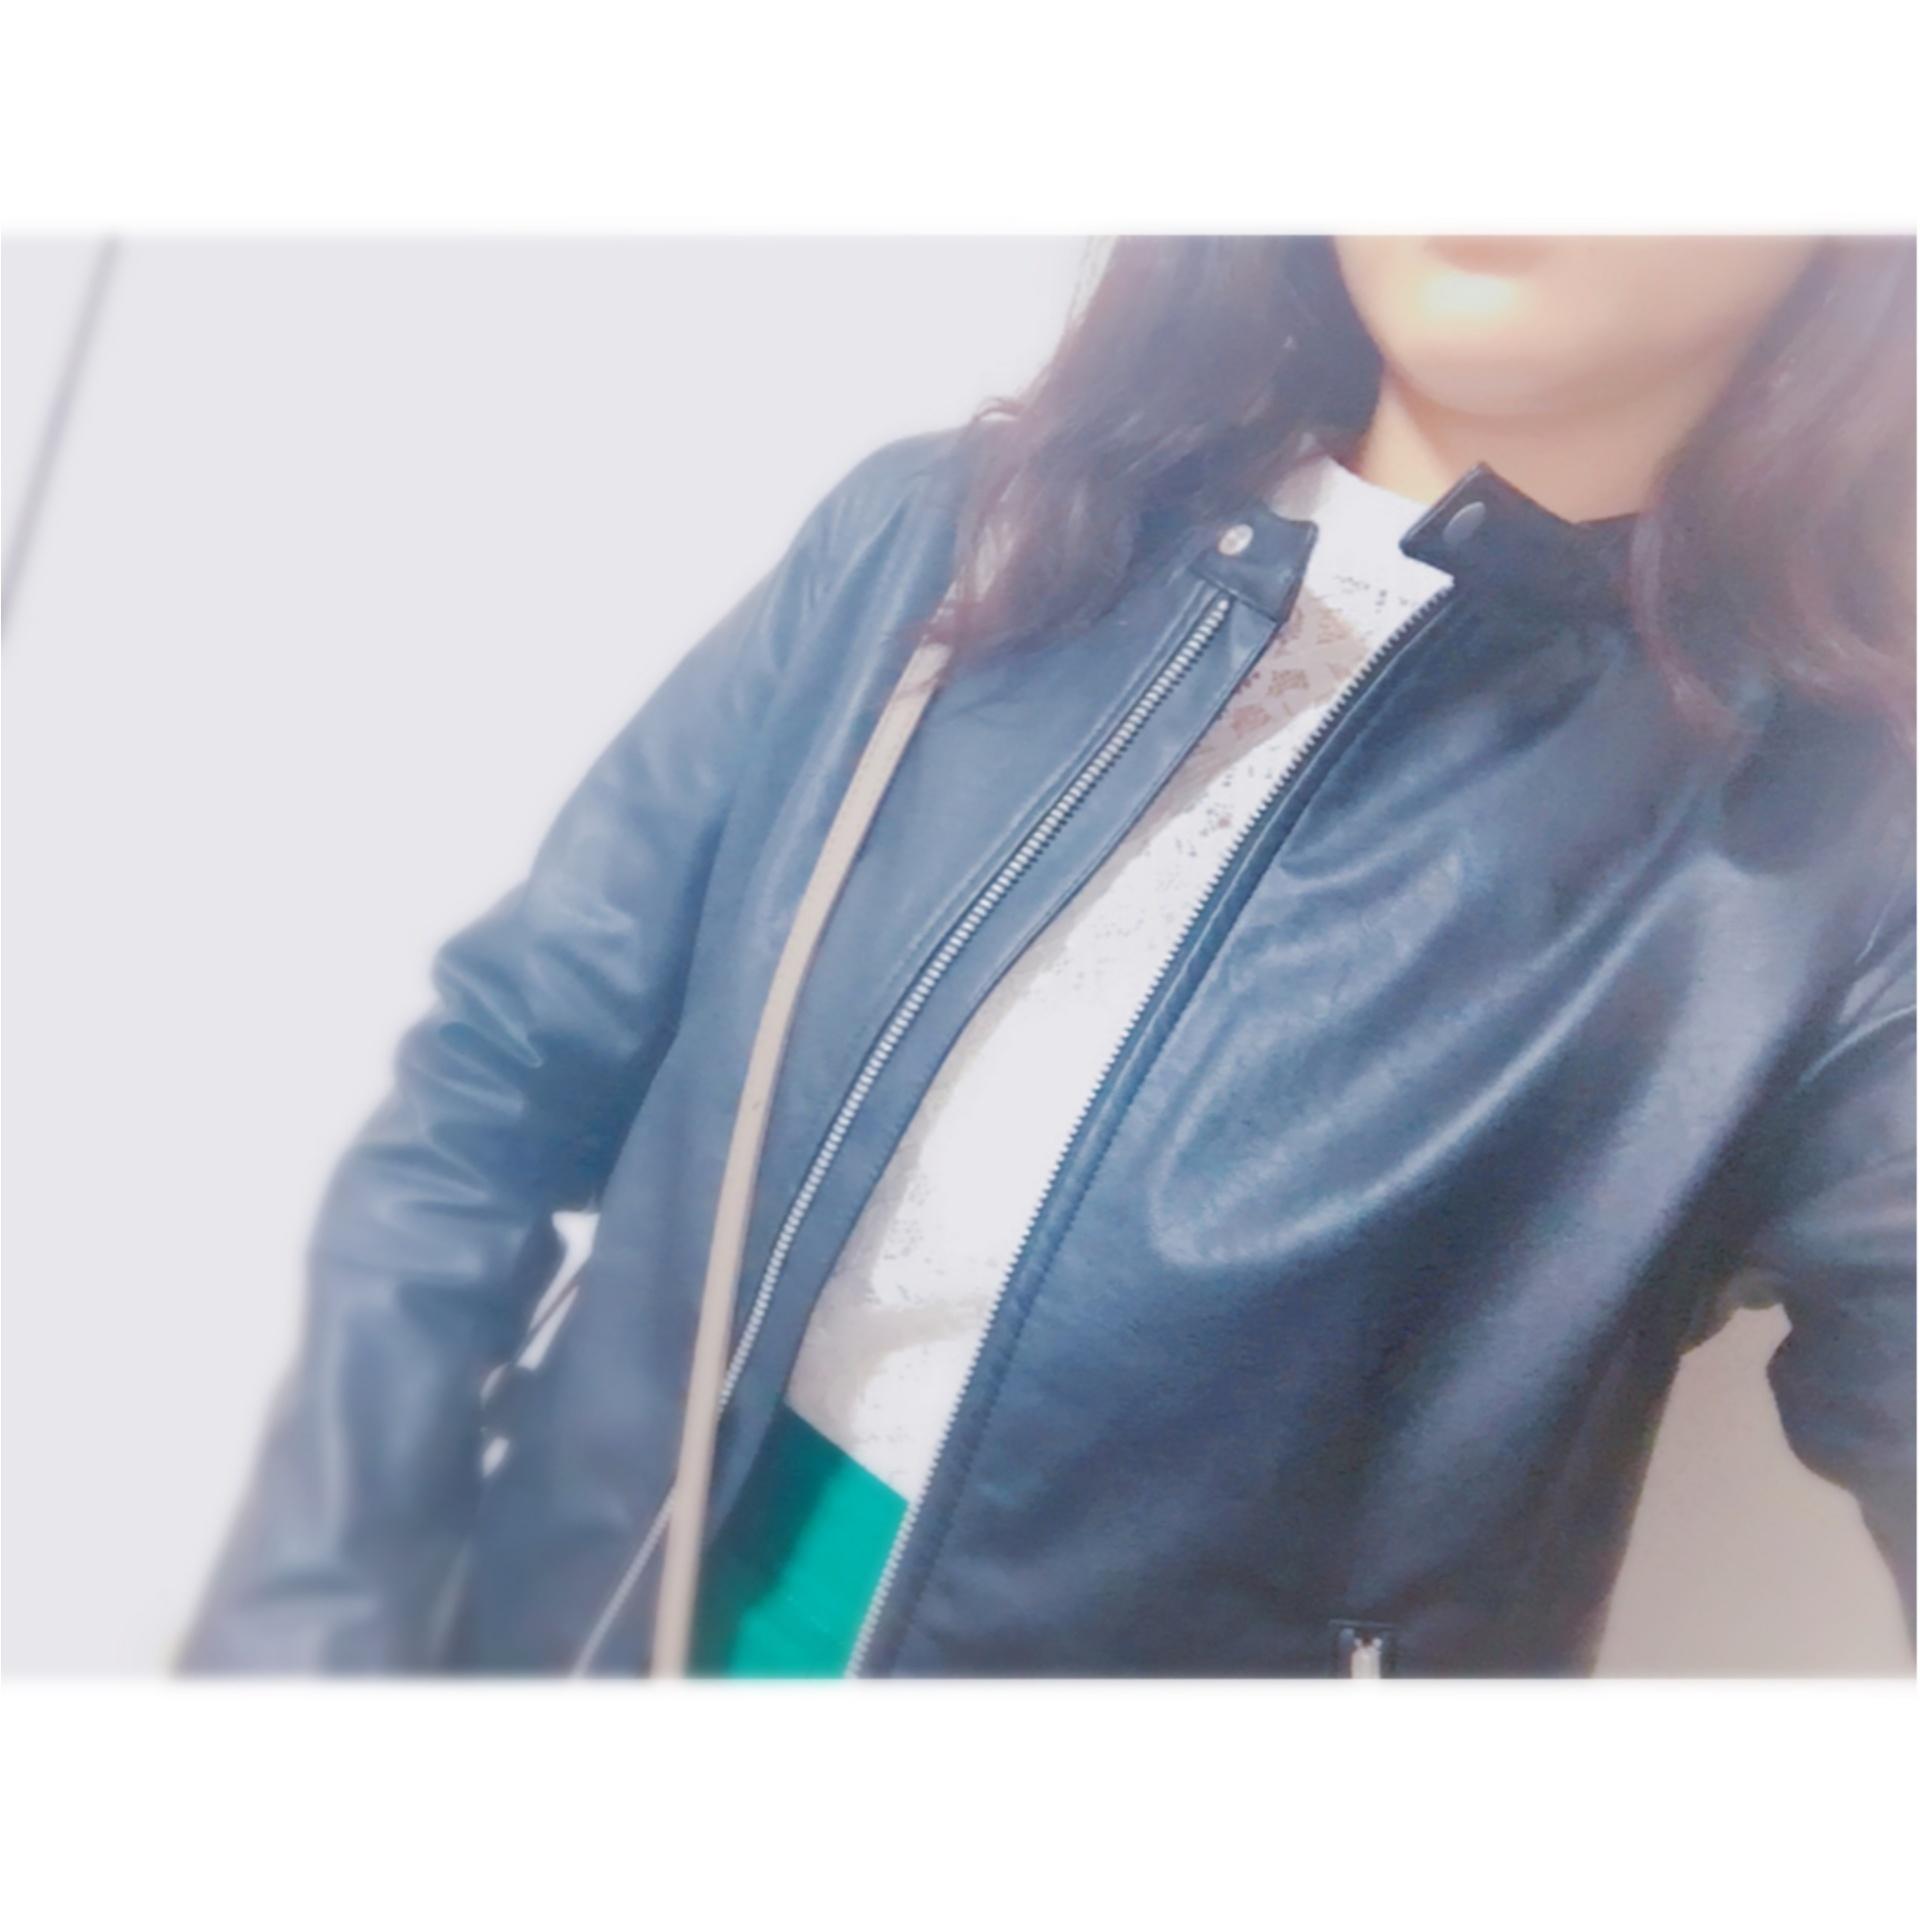 『ユニクロ』『GU』『ZARA』でこの秋いちばんに買ったもの、イッキ見せ☆ 今週のモアハピ部人気ランキングトップ5!_1_4